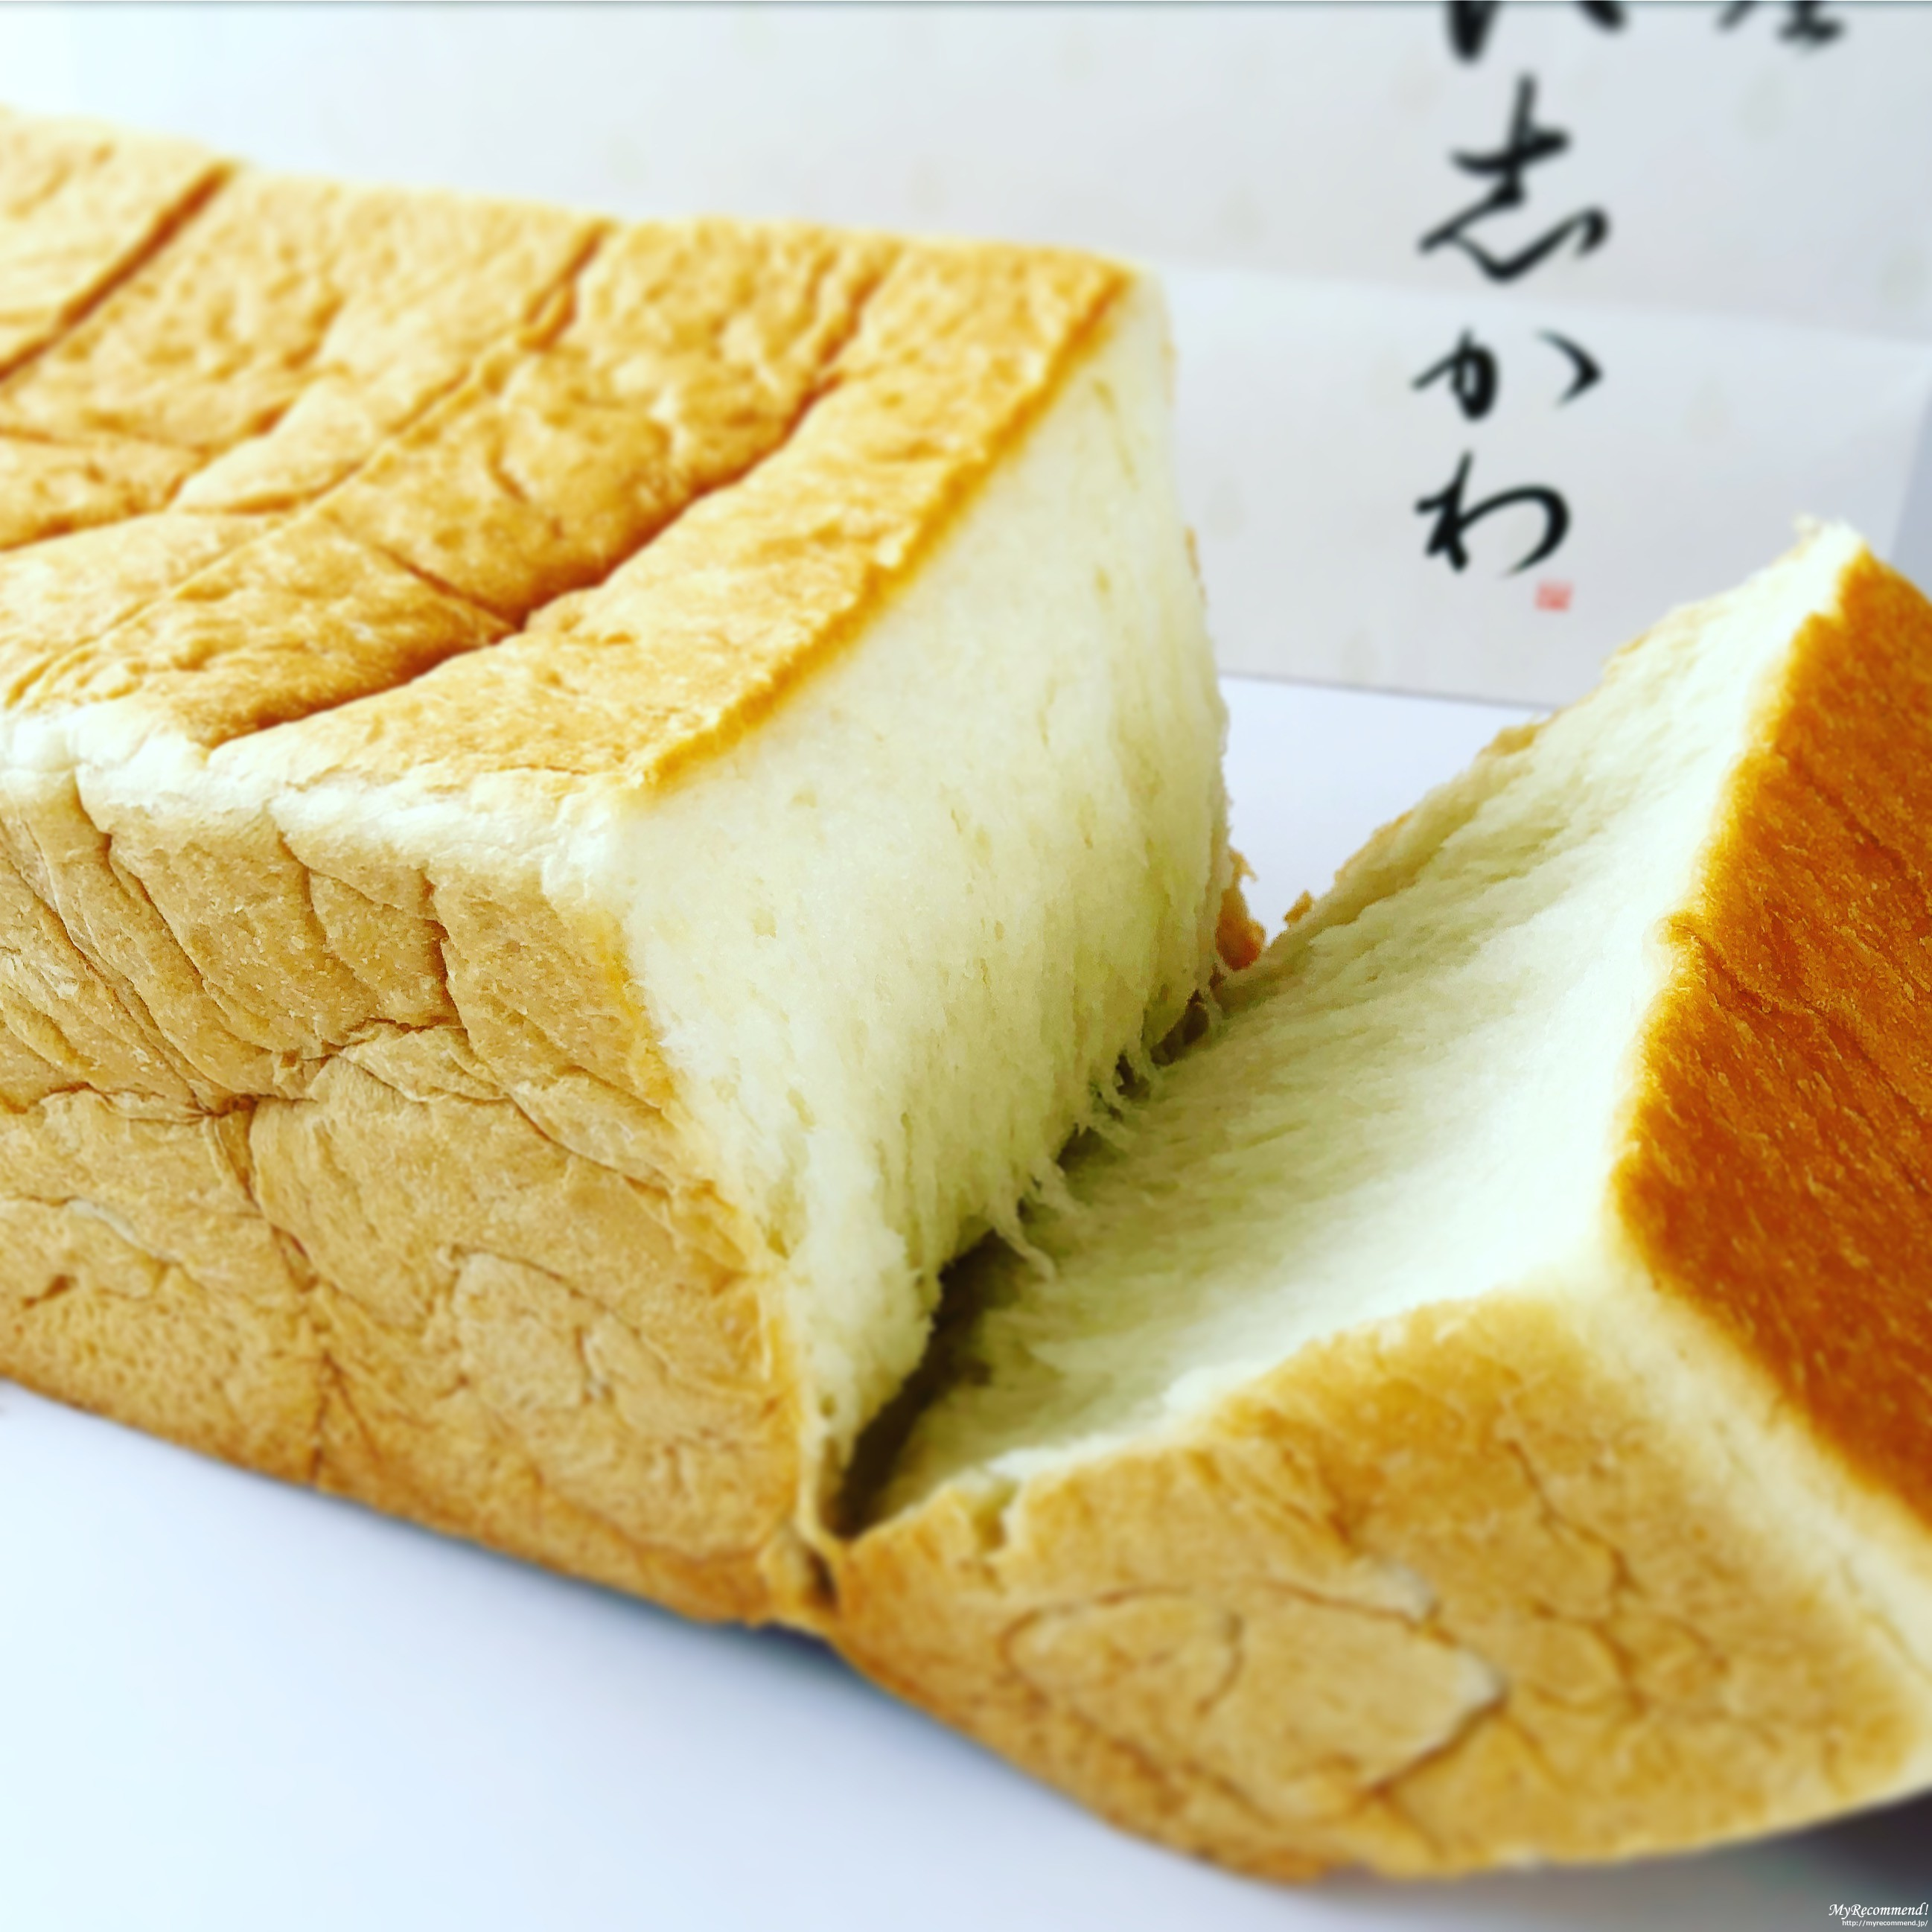 銀座に志かわ,食パン